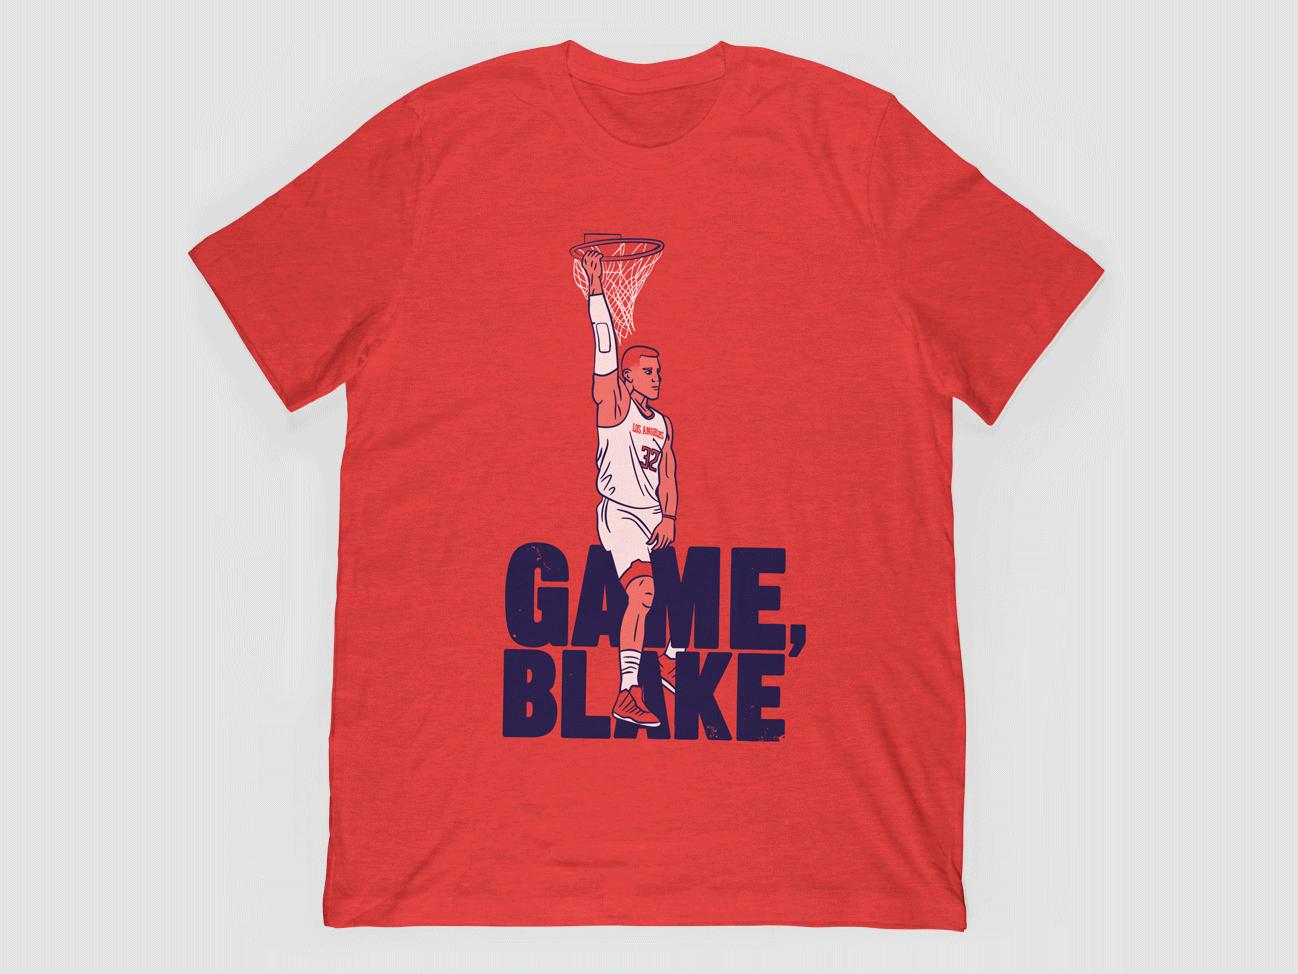 GameBlake.png